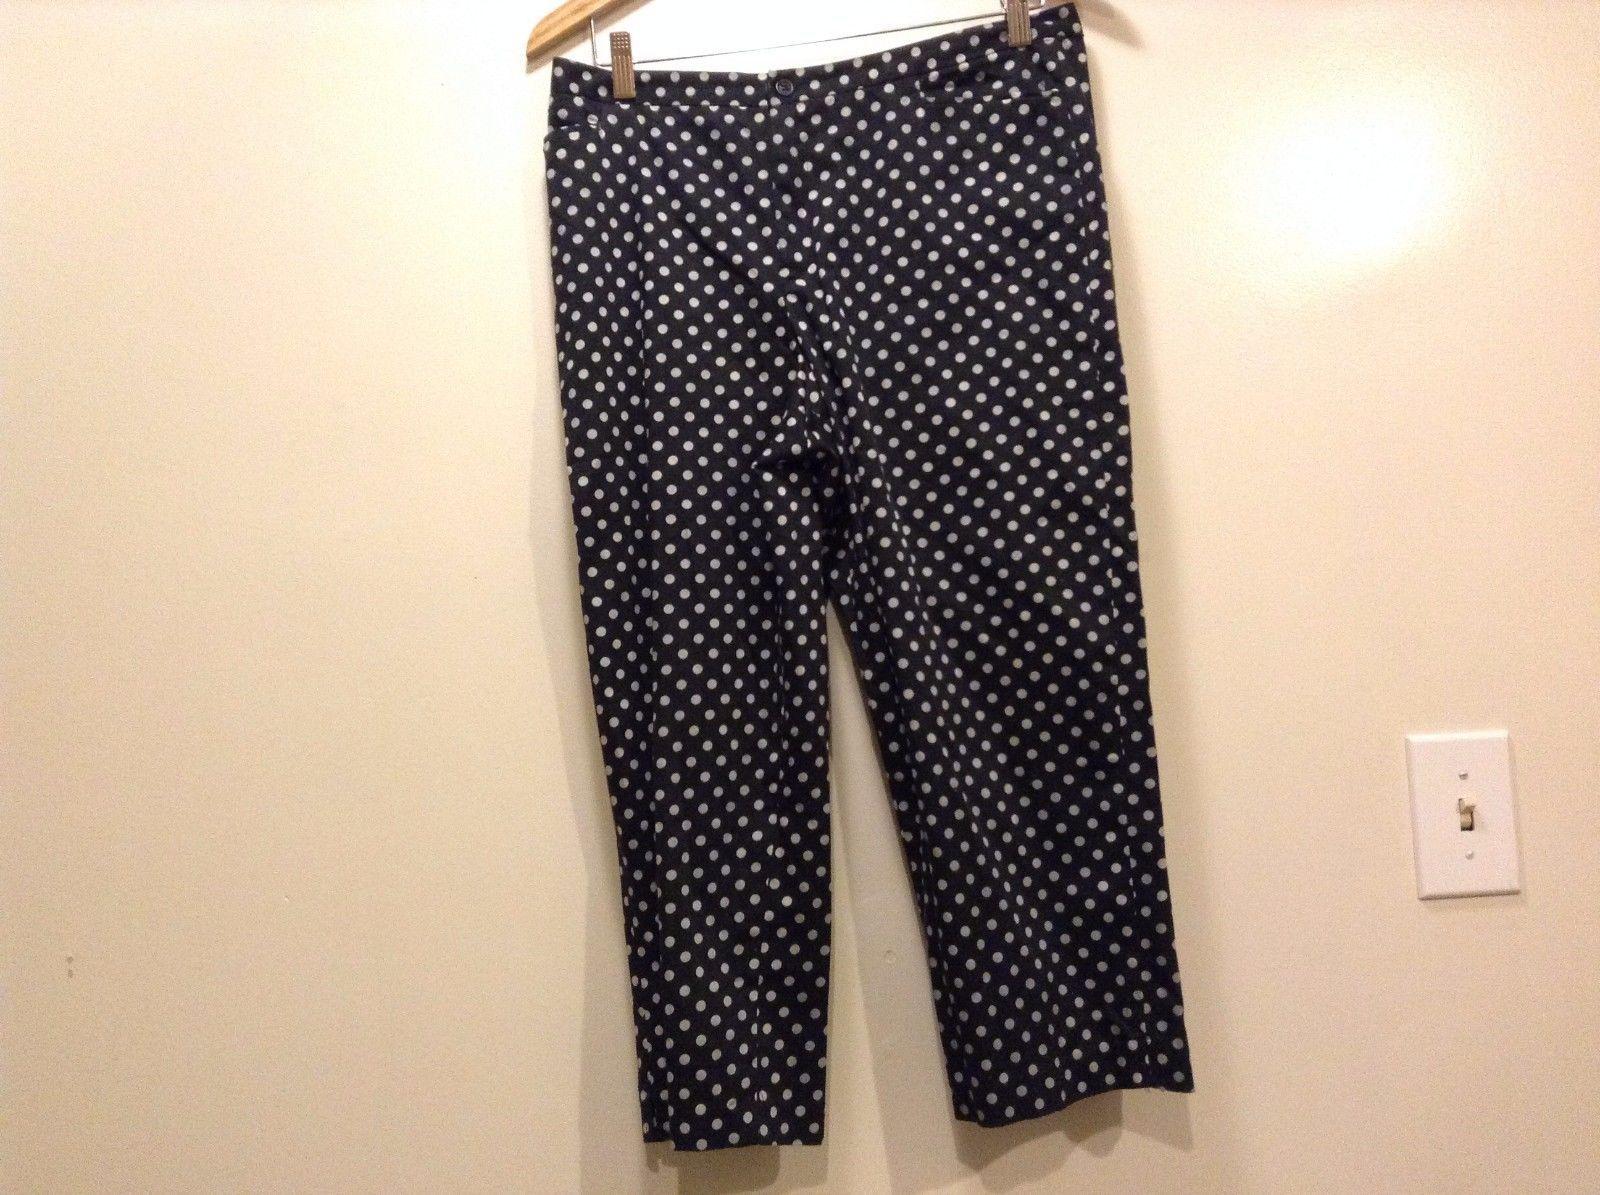 Great Condition Bay Studio Petite Cotton Size 12 Black White Polka Dot Pants